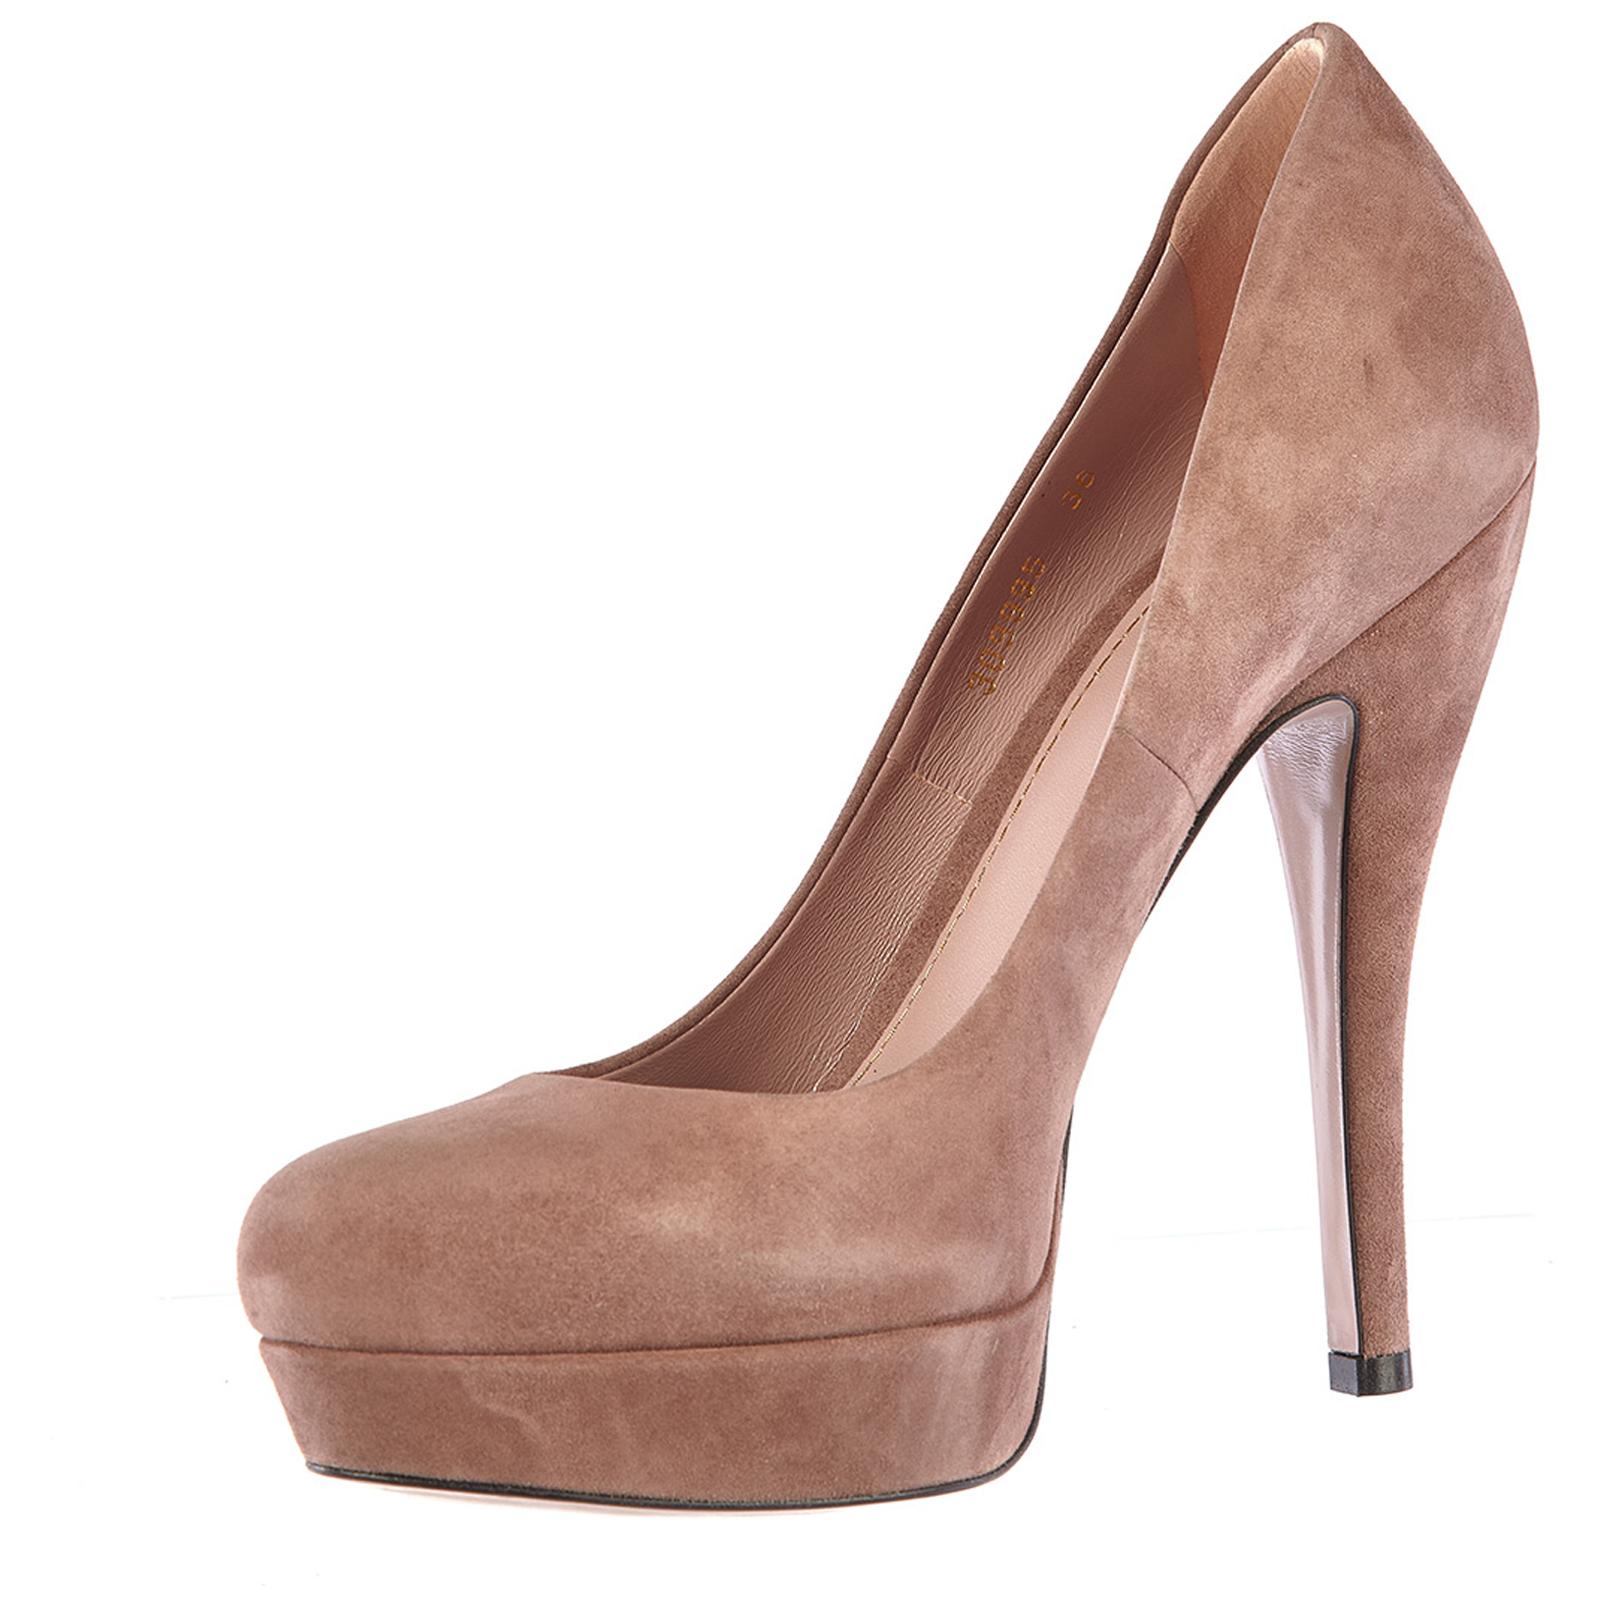 Women's suede platform pumps court shoes heel